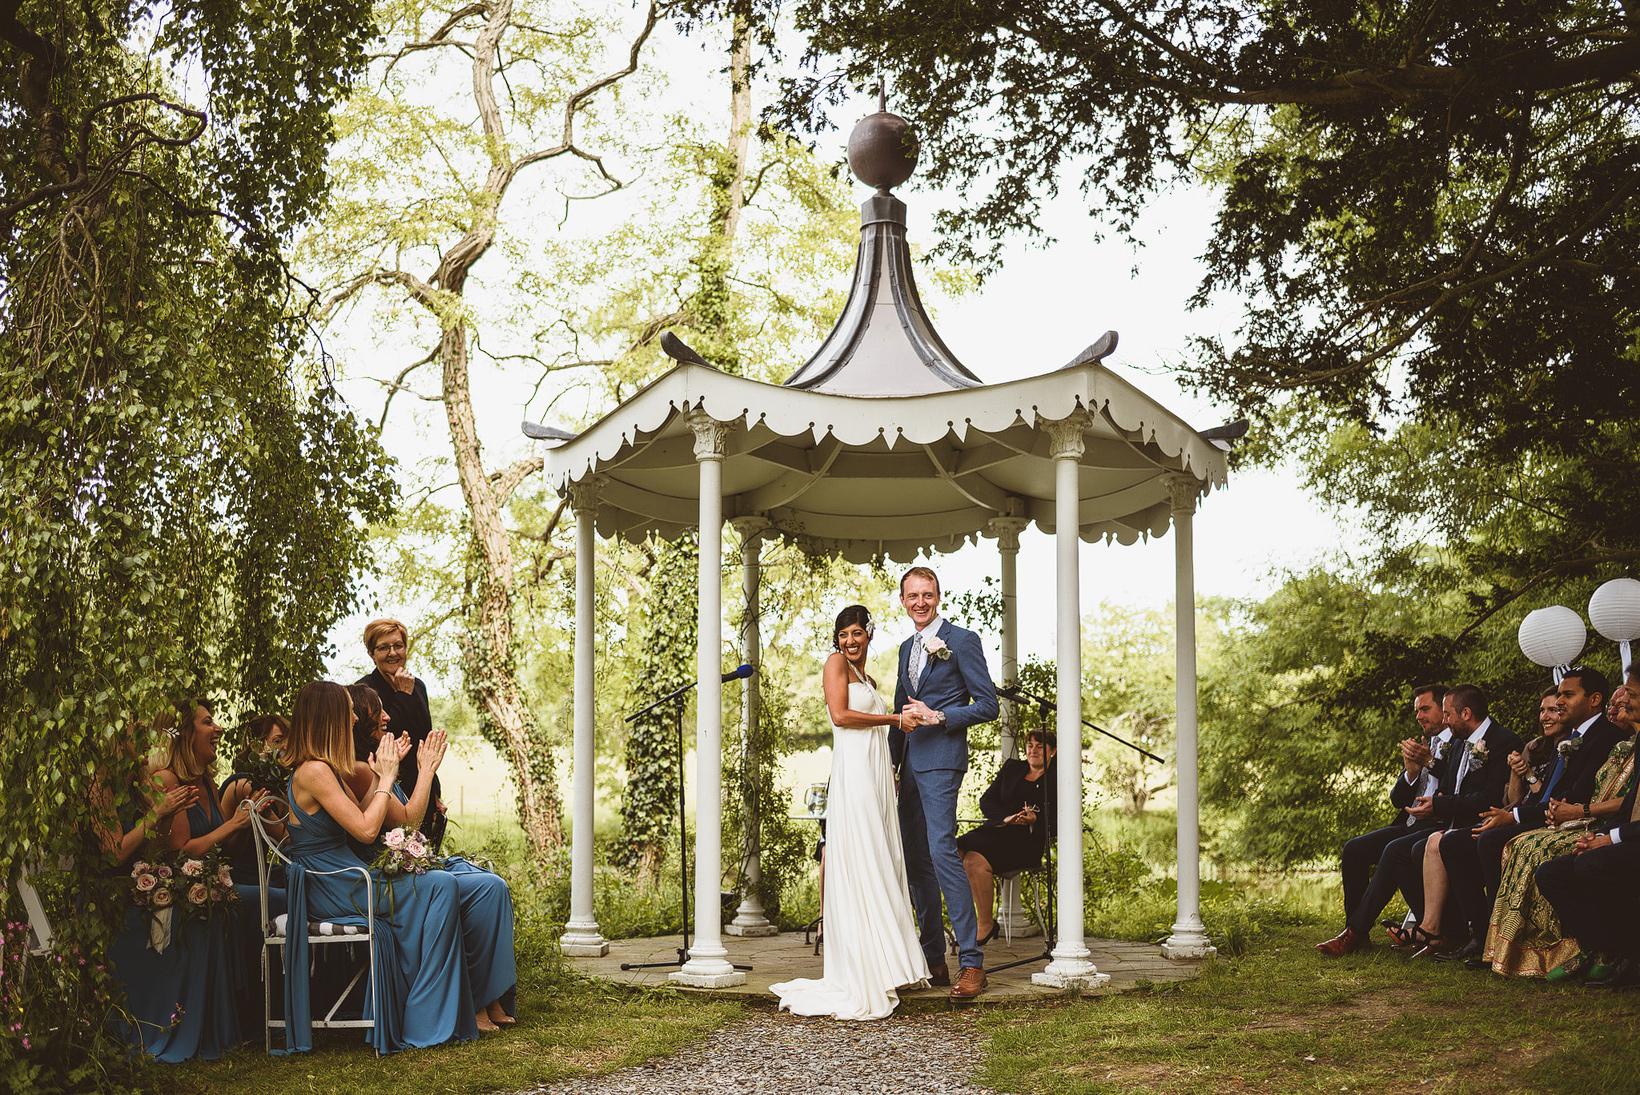 047-preston-court-wedding-photographer.jpg